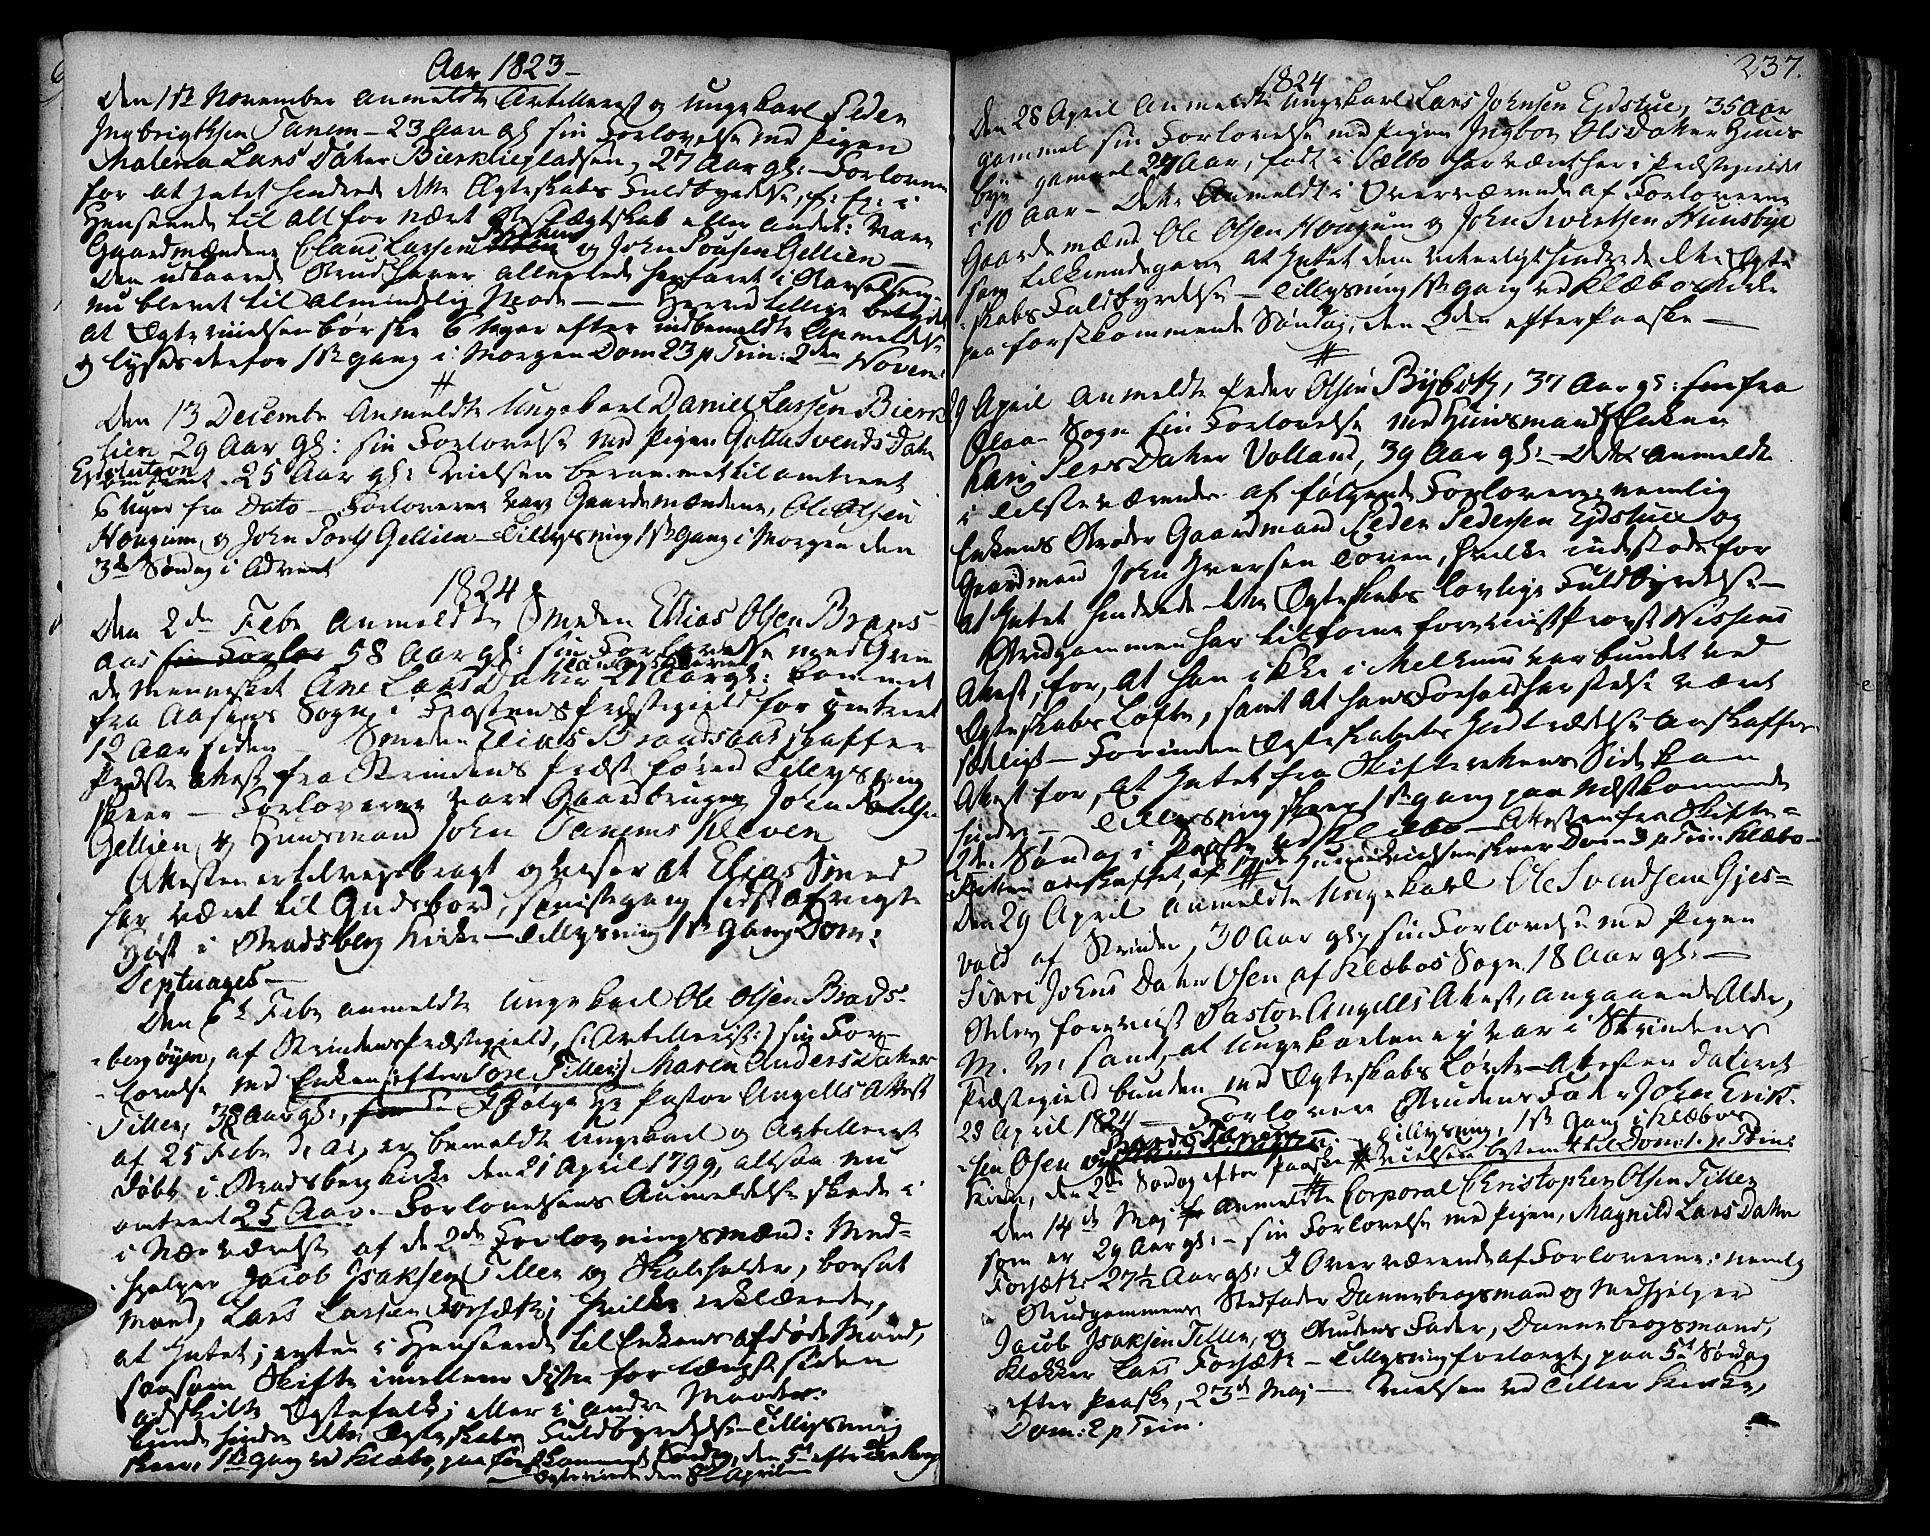 SAT, Ministerialprotokoller, klokkerbøker og fødselsregistre - Sør-Trøndelag, 618/L0438: Ministerialbok nr. 618A03, 1783-1815, s. 237